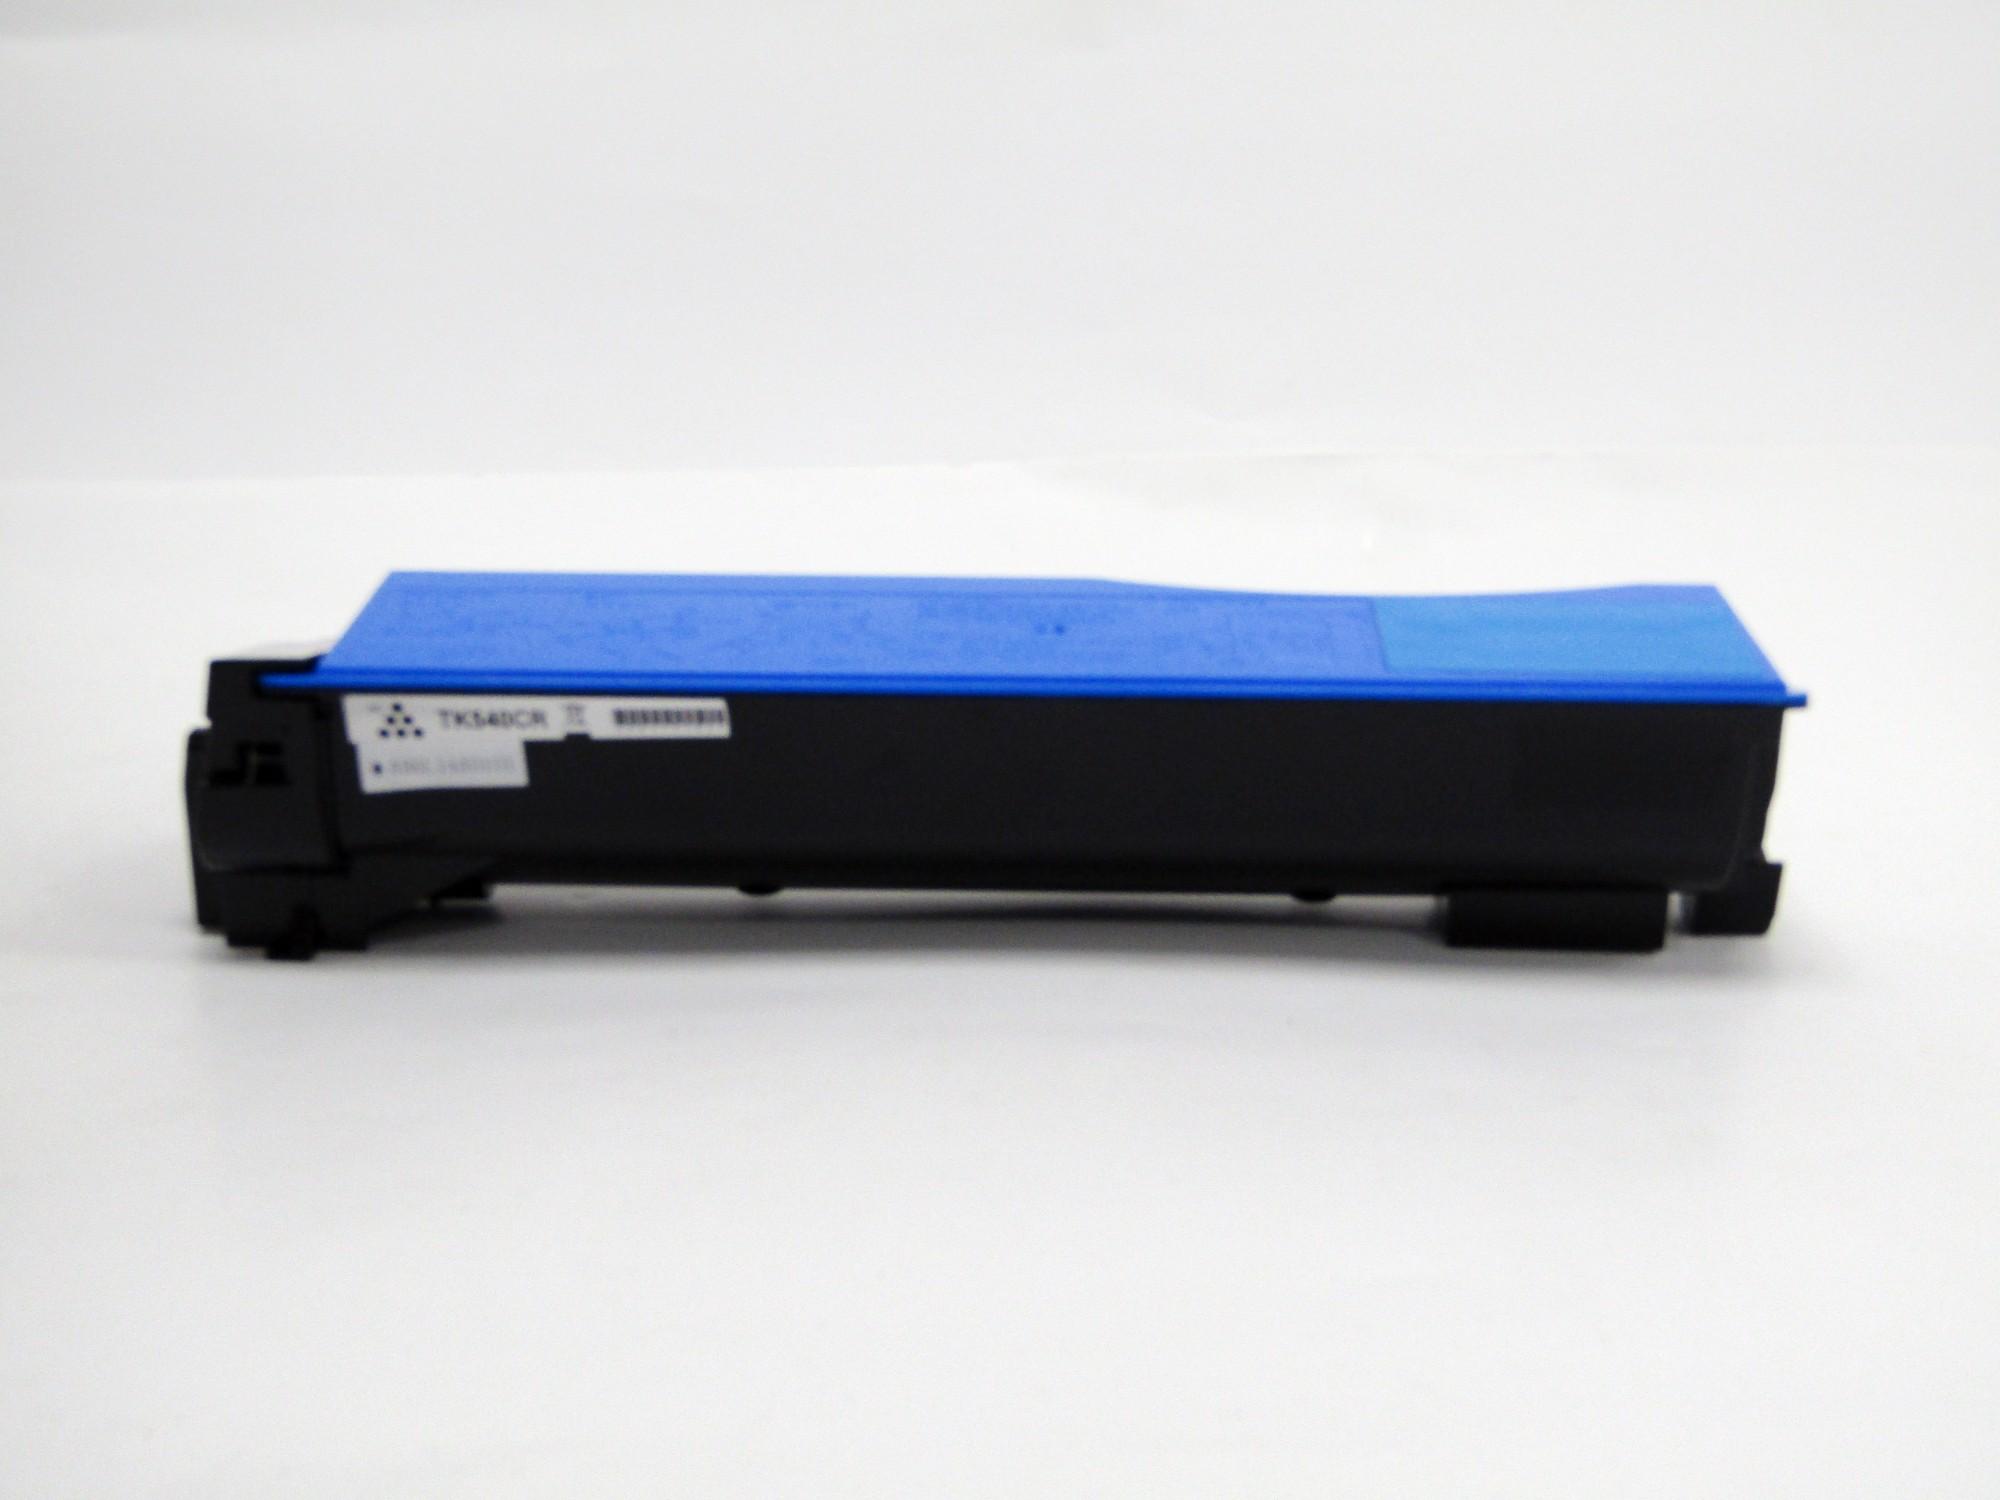 Remanufactured Kyocera TK540C Cyan Toner Cartridge